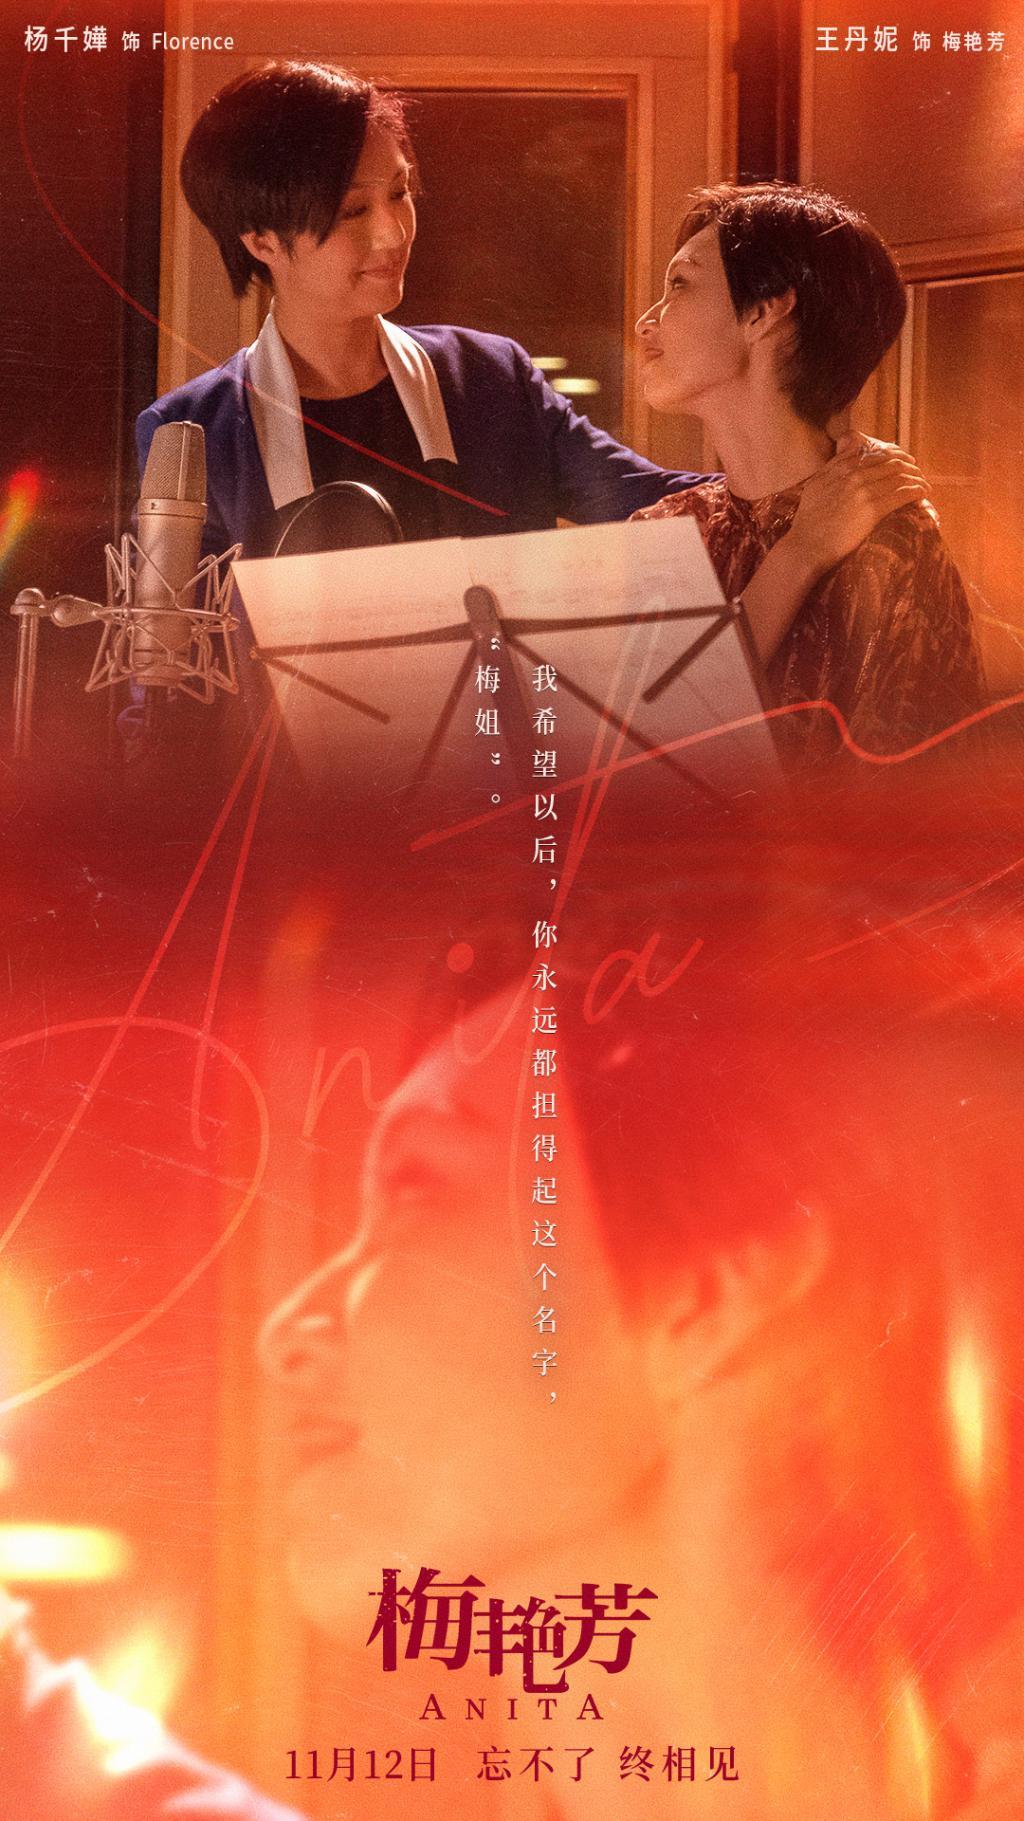 """《梅艳芳》发布""""告别""""版预告再现催泪告别场面 一曲绝唱嫁给观众与舞台"""